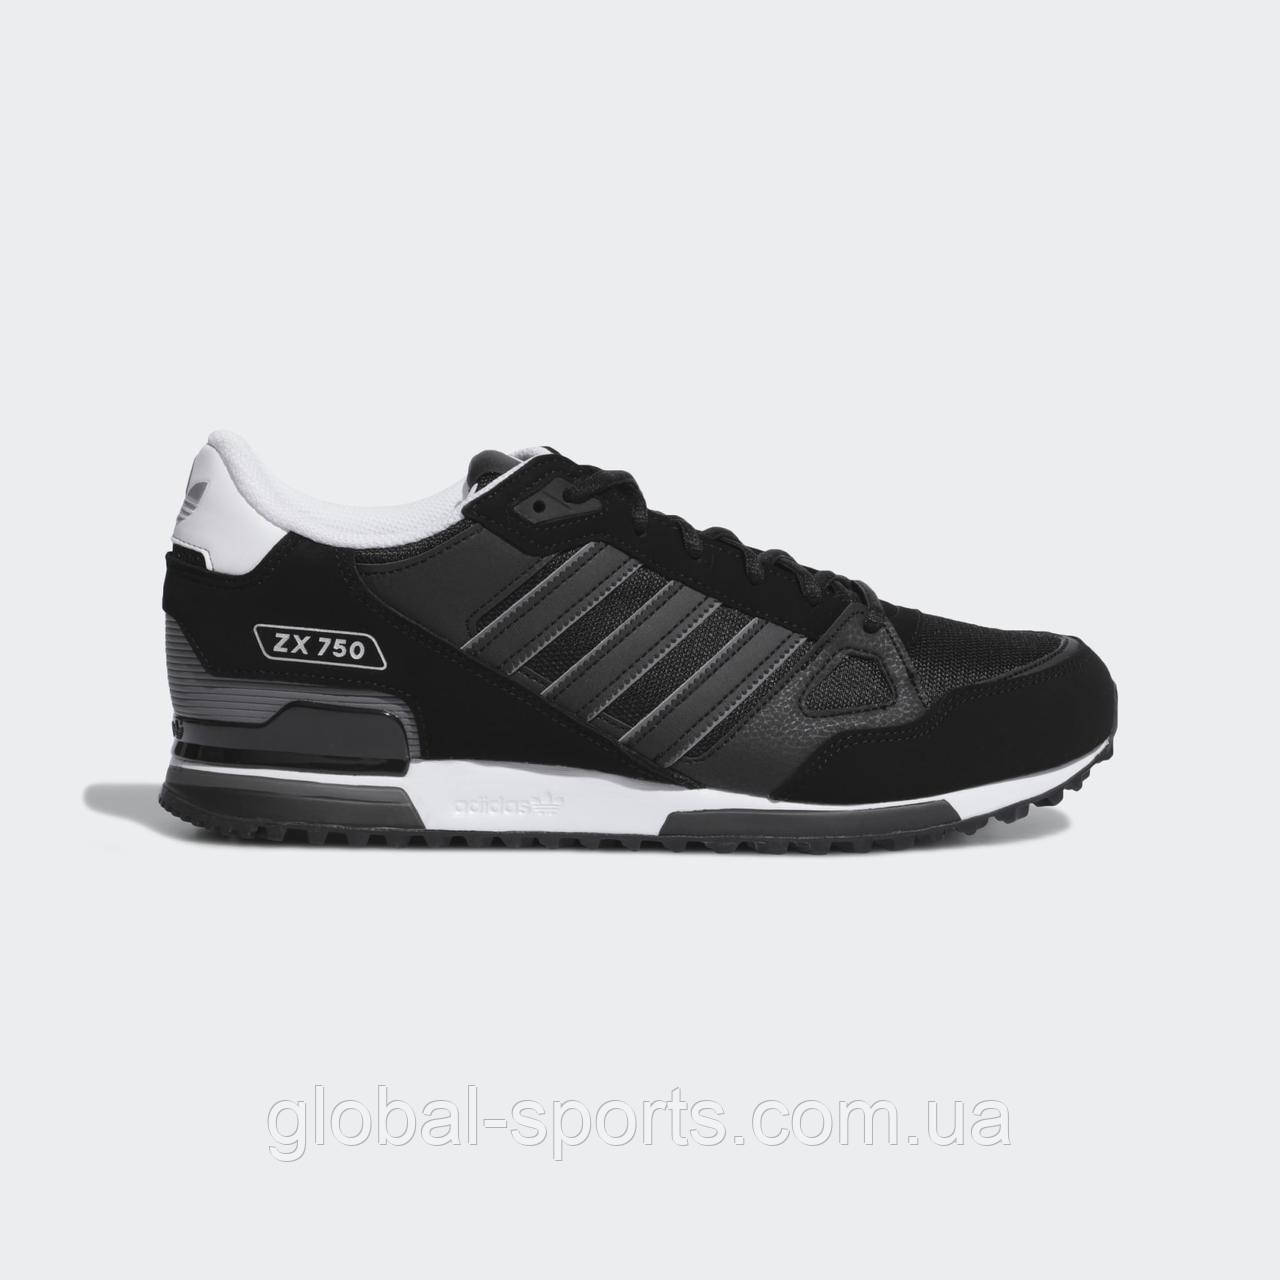 Чоловічі кросівки Adidas ZX 750(Артикул:EE6585)